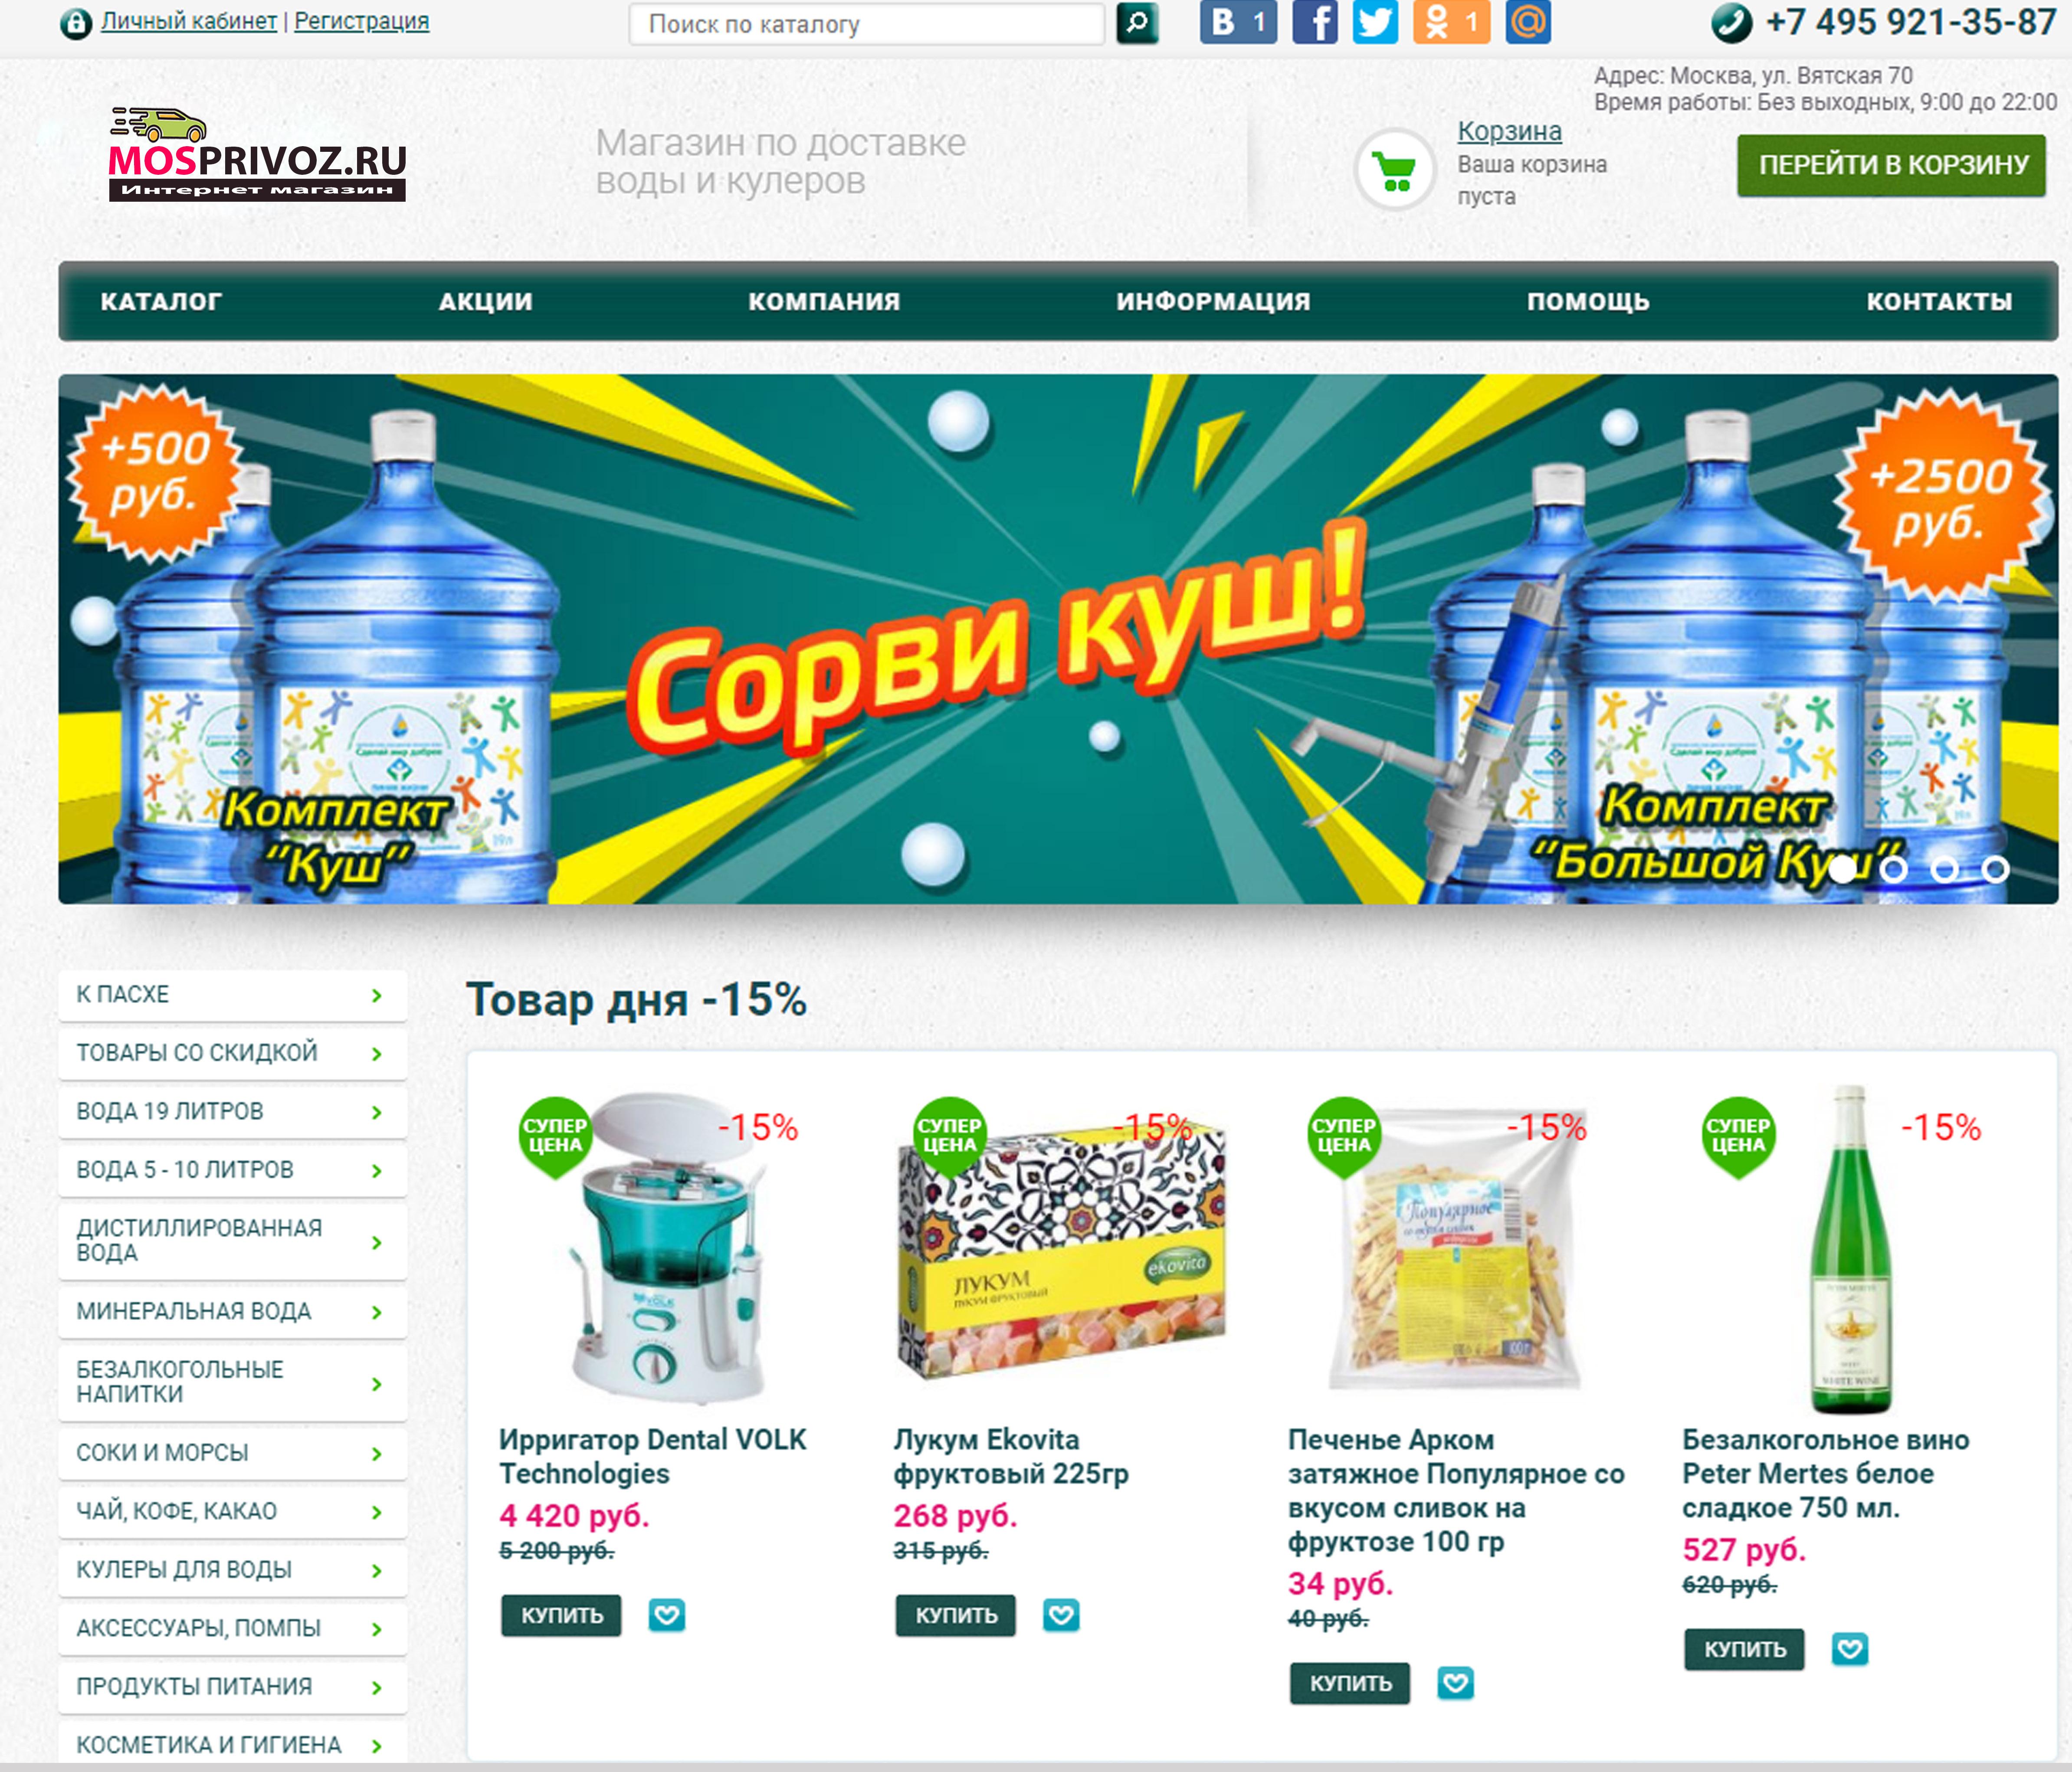 Логотип. Интернет - магазин по доставке продуктов питания. фото f_8655ada5070487d0.jpg